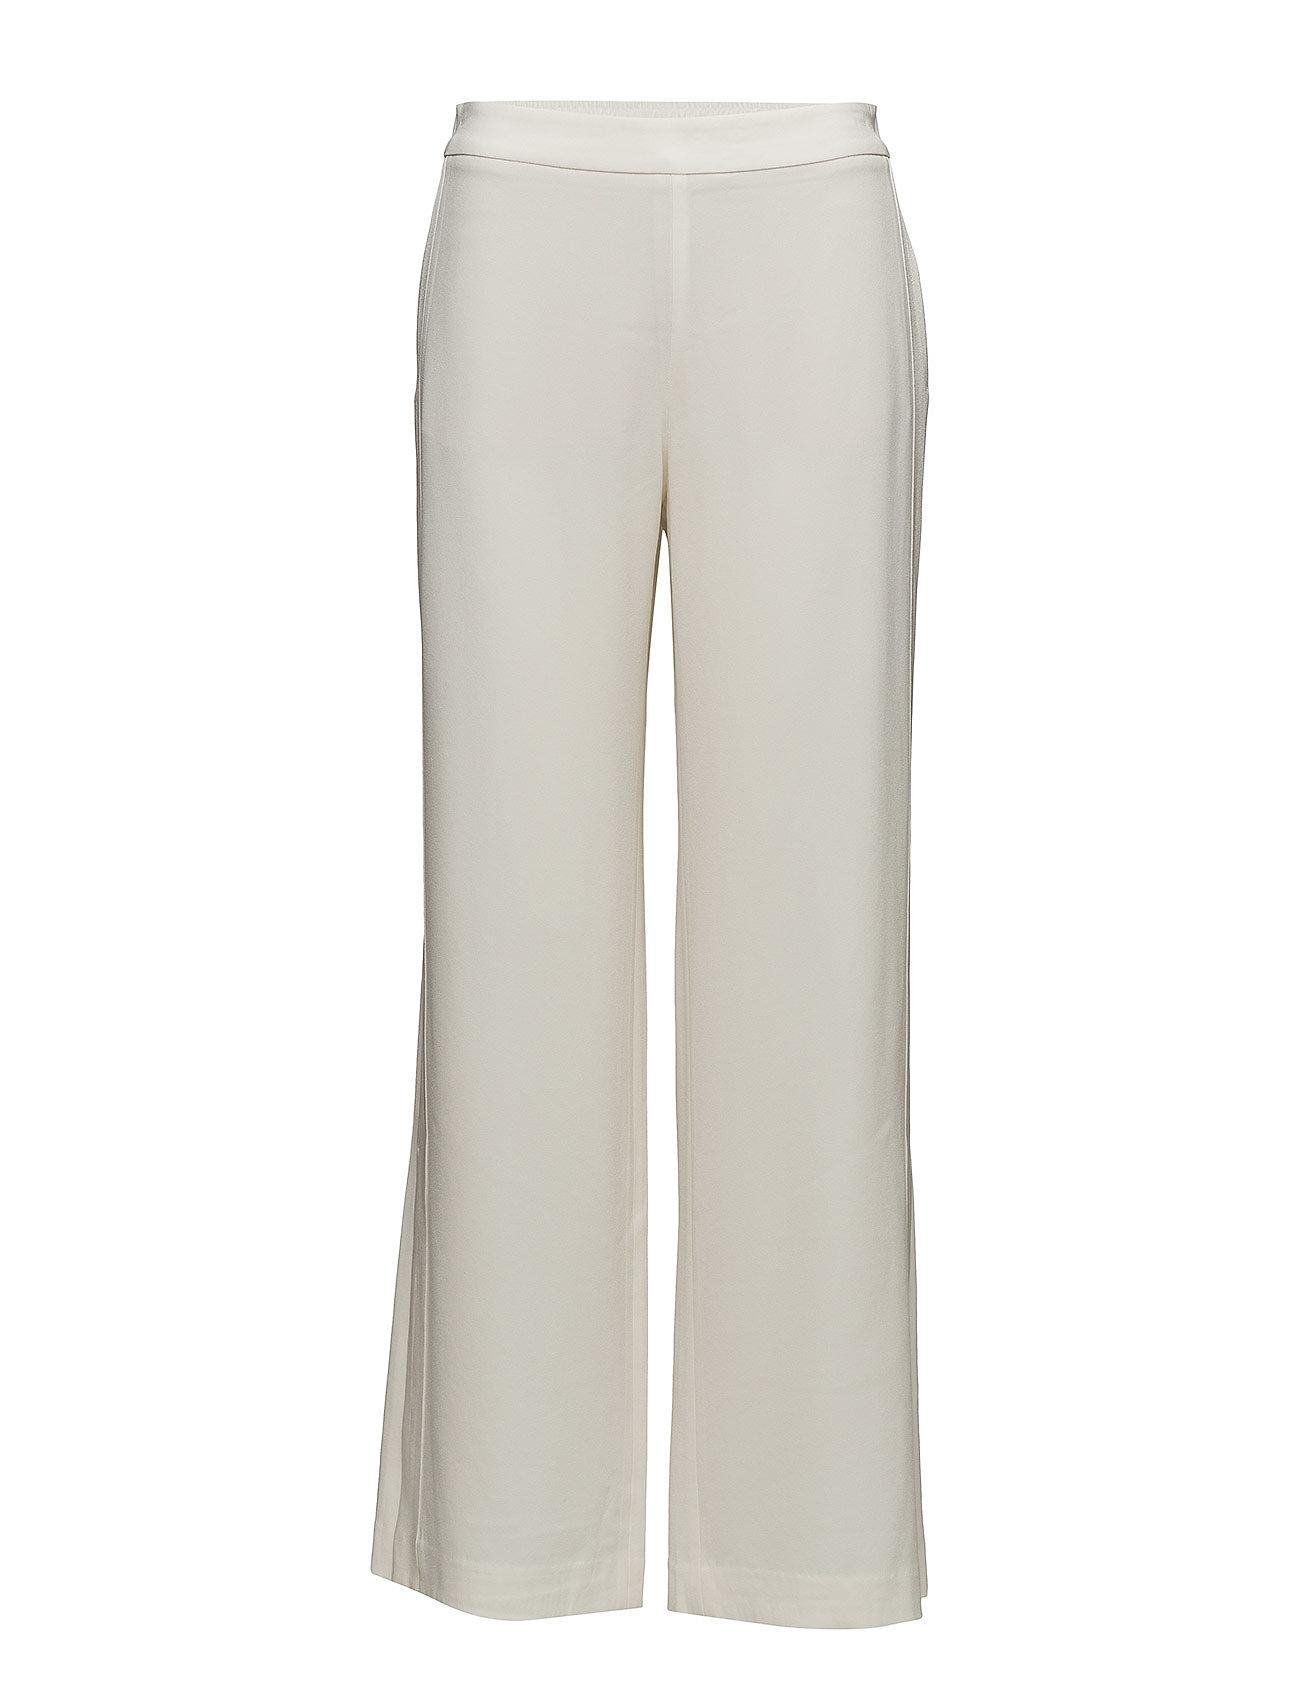 Filippa K Clare Wide Leg Trousers